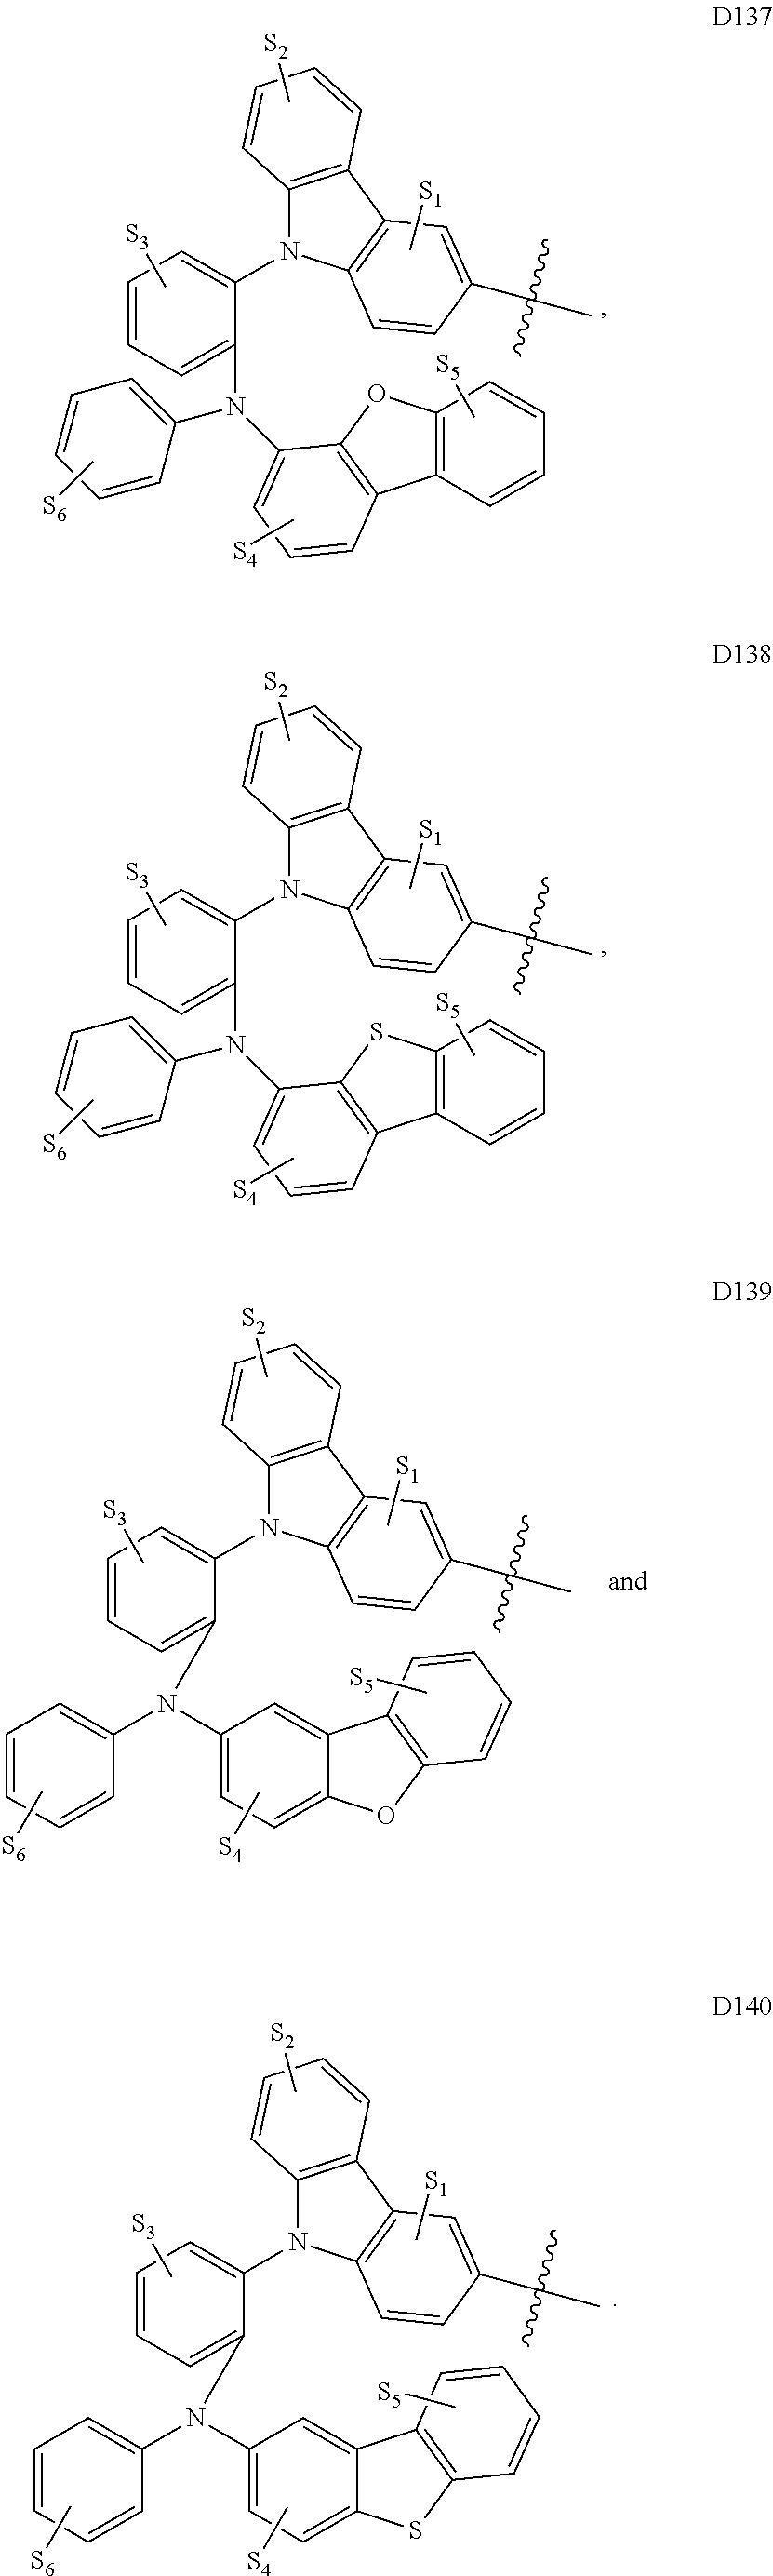 Figure US09537106-20170103-C00052